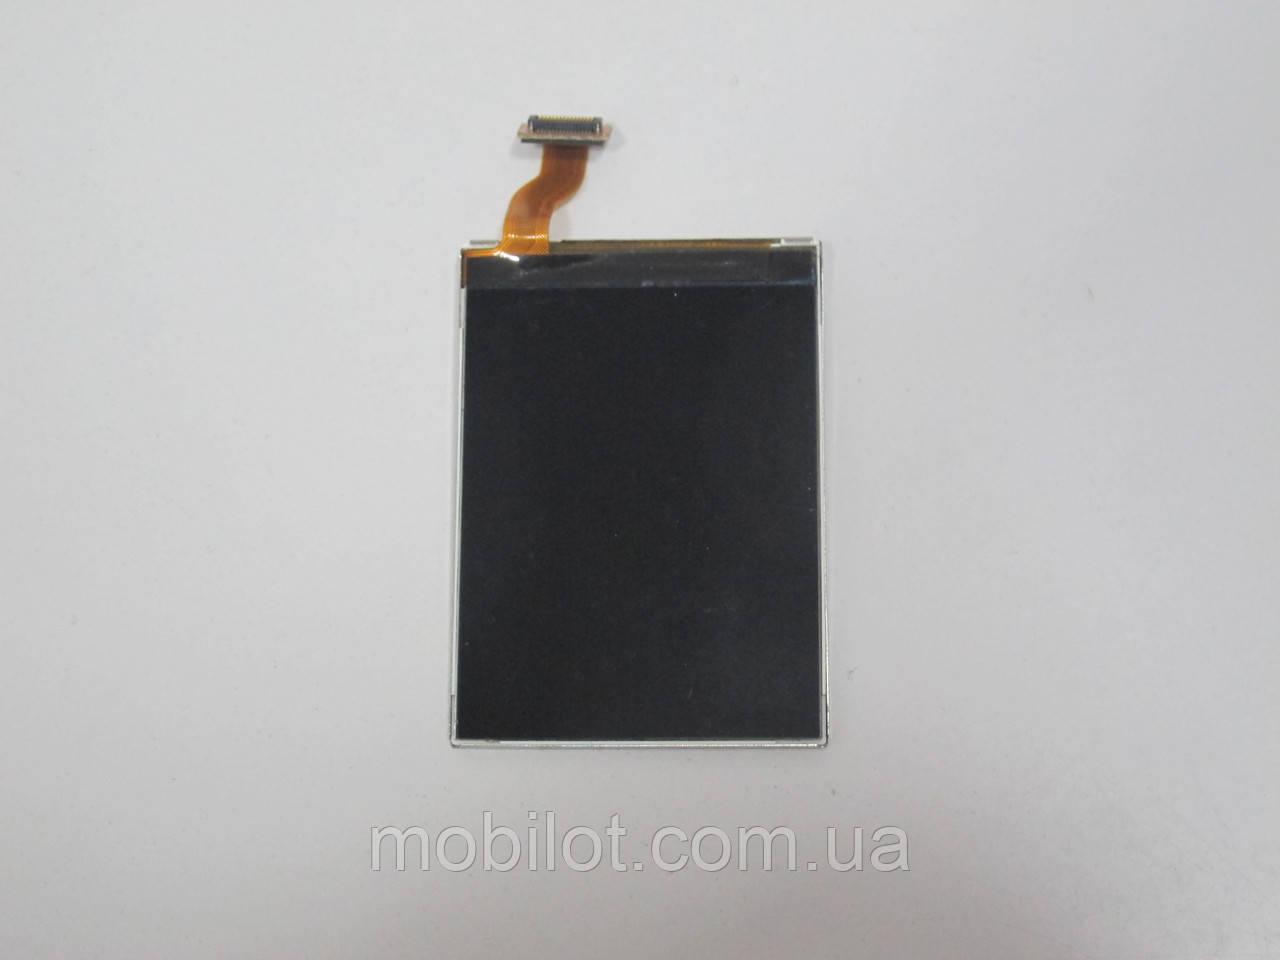 Экран Nokia 6700 (TZ-5144)